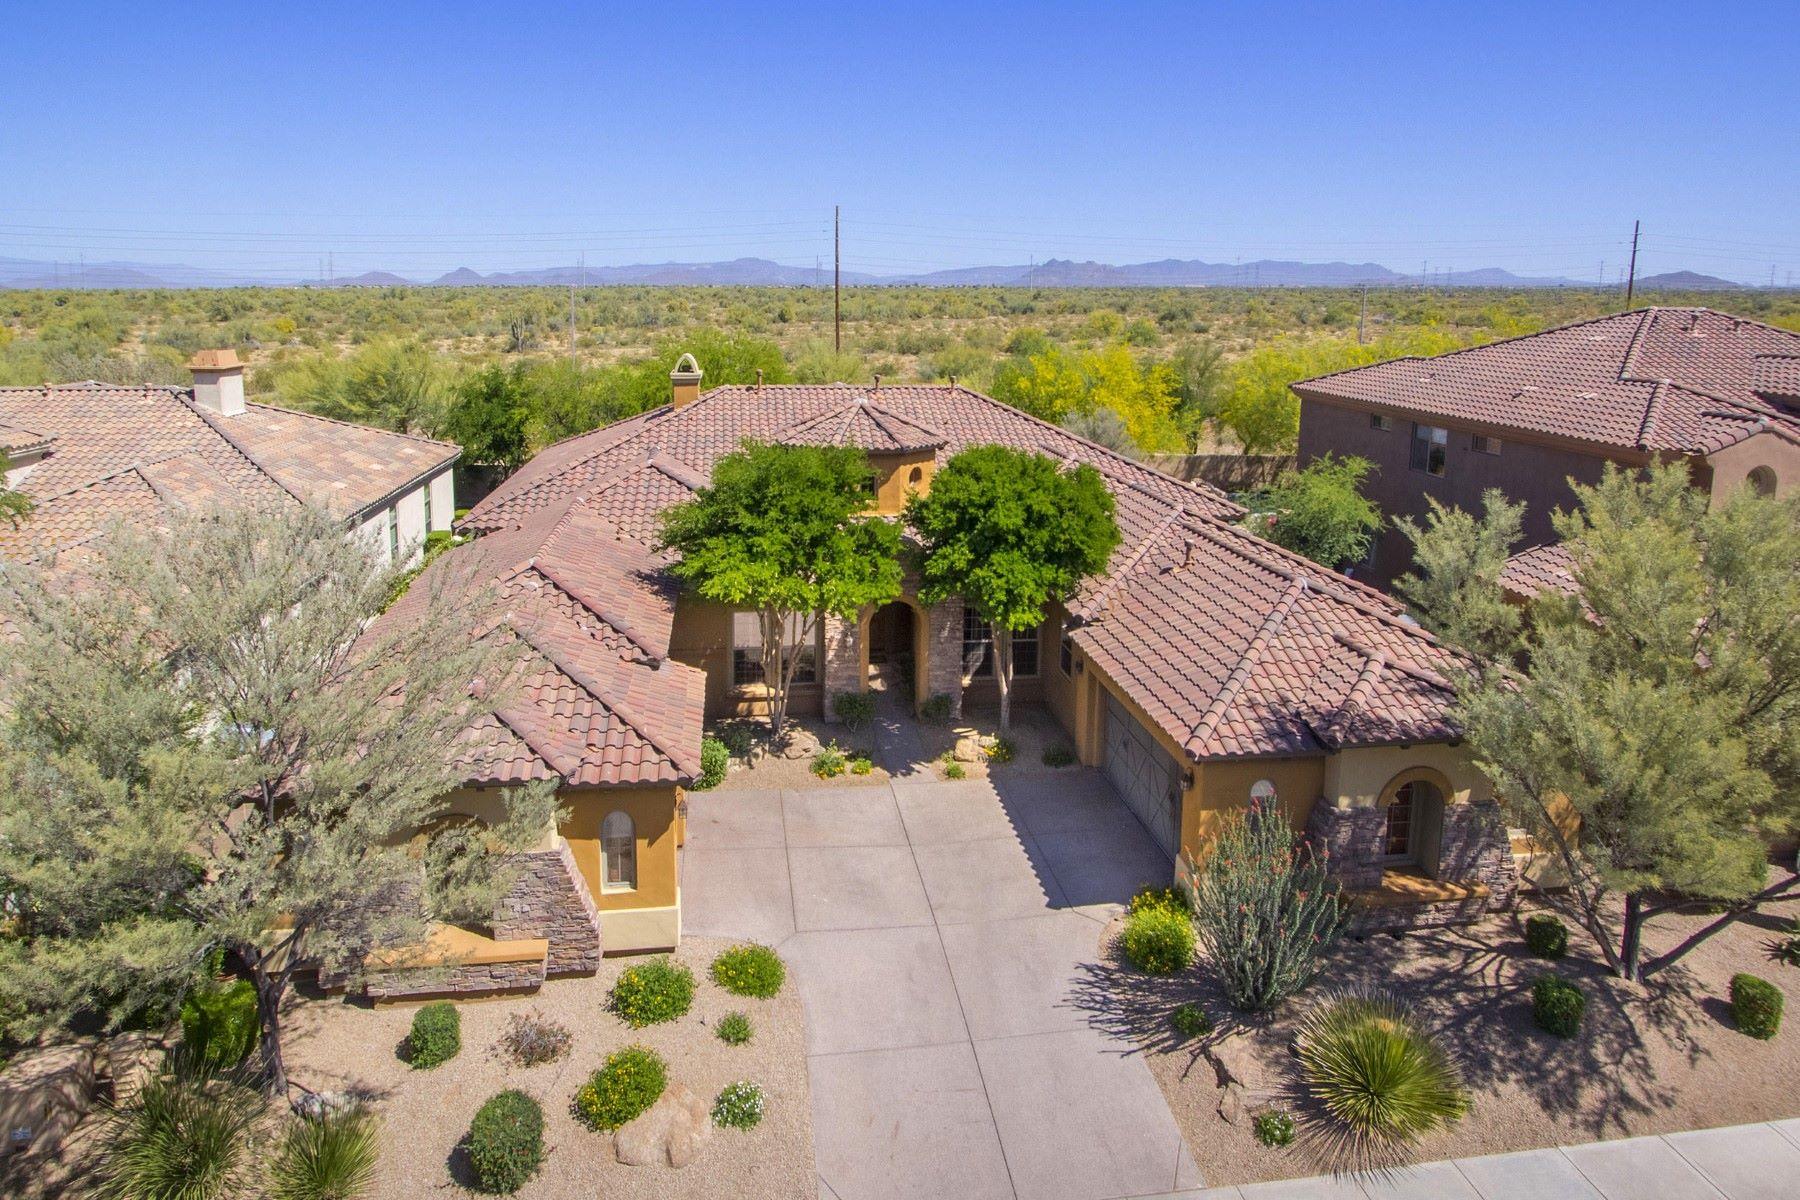 一戸建て のために 売買 アット Sprawling one level executive home in Aviano at Desert Ridge 3972 E Expedition Way Phoenix, アリゾナ, 85050 アメリカ合衆国